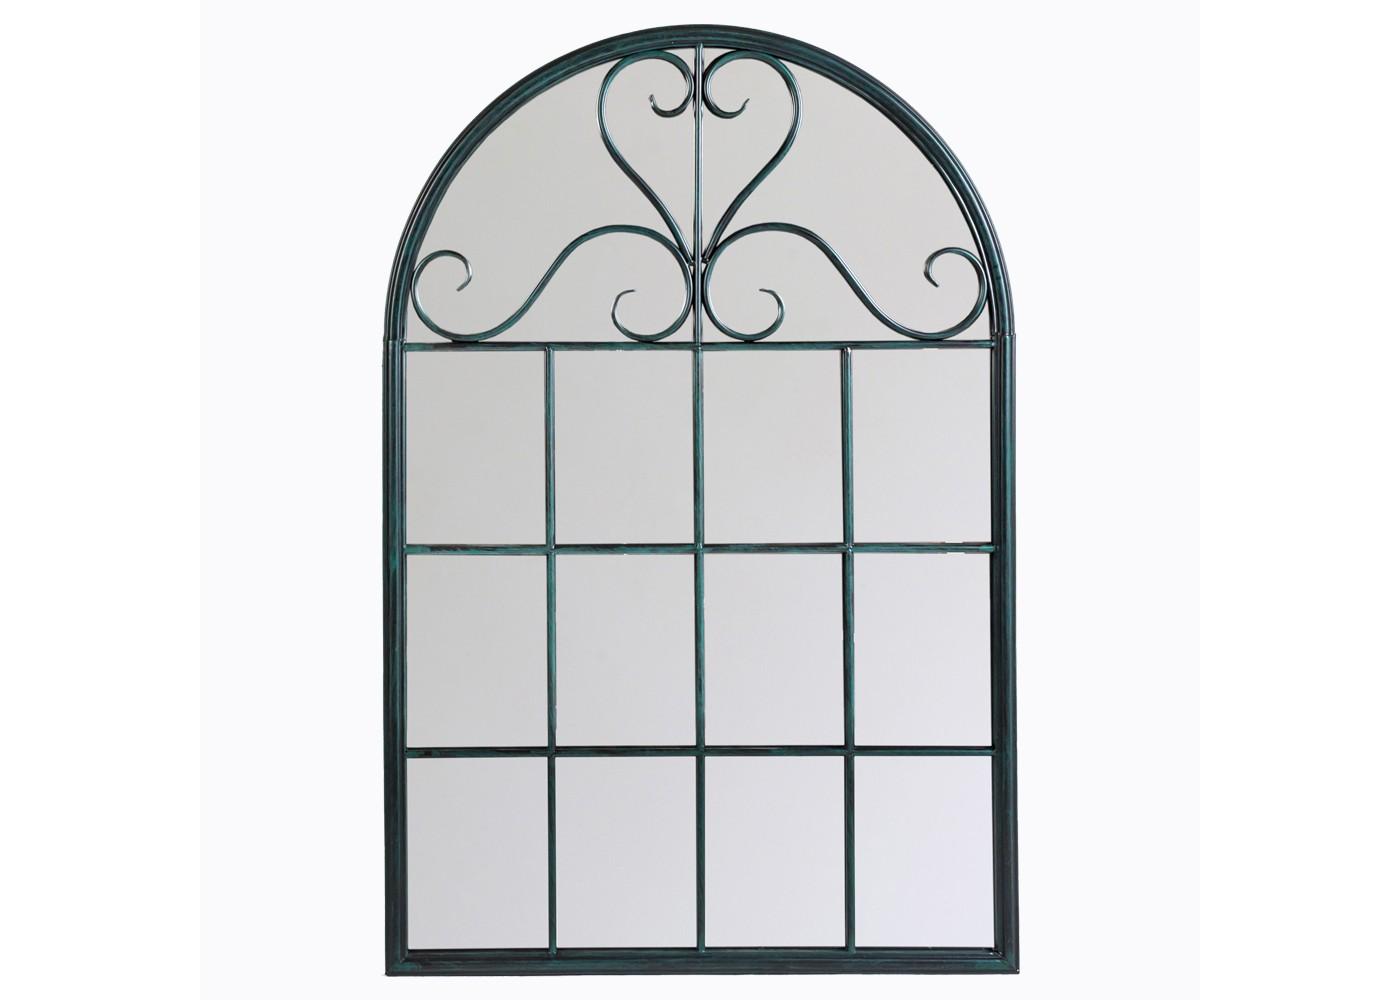 Настенное зеркало «Венсен» (черный антик)Настенные зеркала<br>Зеркало арочной формы ? отличный способ добавить ноту античного великолепия оформлению. Декор, вдохновленный пропорциями старинной архитектуры, отличается изяществом и романтизмом. Вековые традиции, воплощенные в утонченном силуэте, обещают зеркалу превосходную совместимость с французским, прованским, классическим и даже современным стилями.&amp;lt;div&amp;gt;&amp;lt;br&amp;gt;&amp;lt;/div&amp;gt;&amp;lt;div&amp;gt;Размер: 75?113?2,5 см.&amp;lt;/div&amp;gt;<br><br>Material: Металл<br>Width см: 75<br>Depth см: 2,5<br>Height см: 113